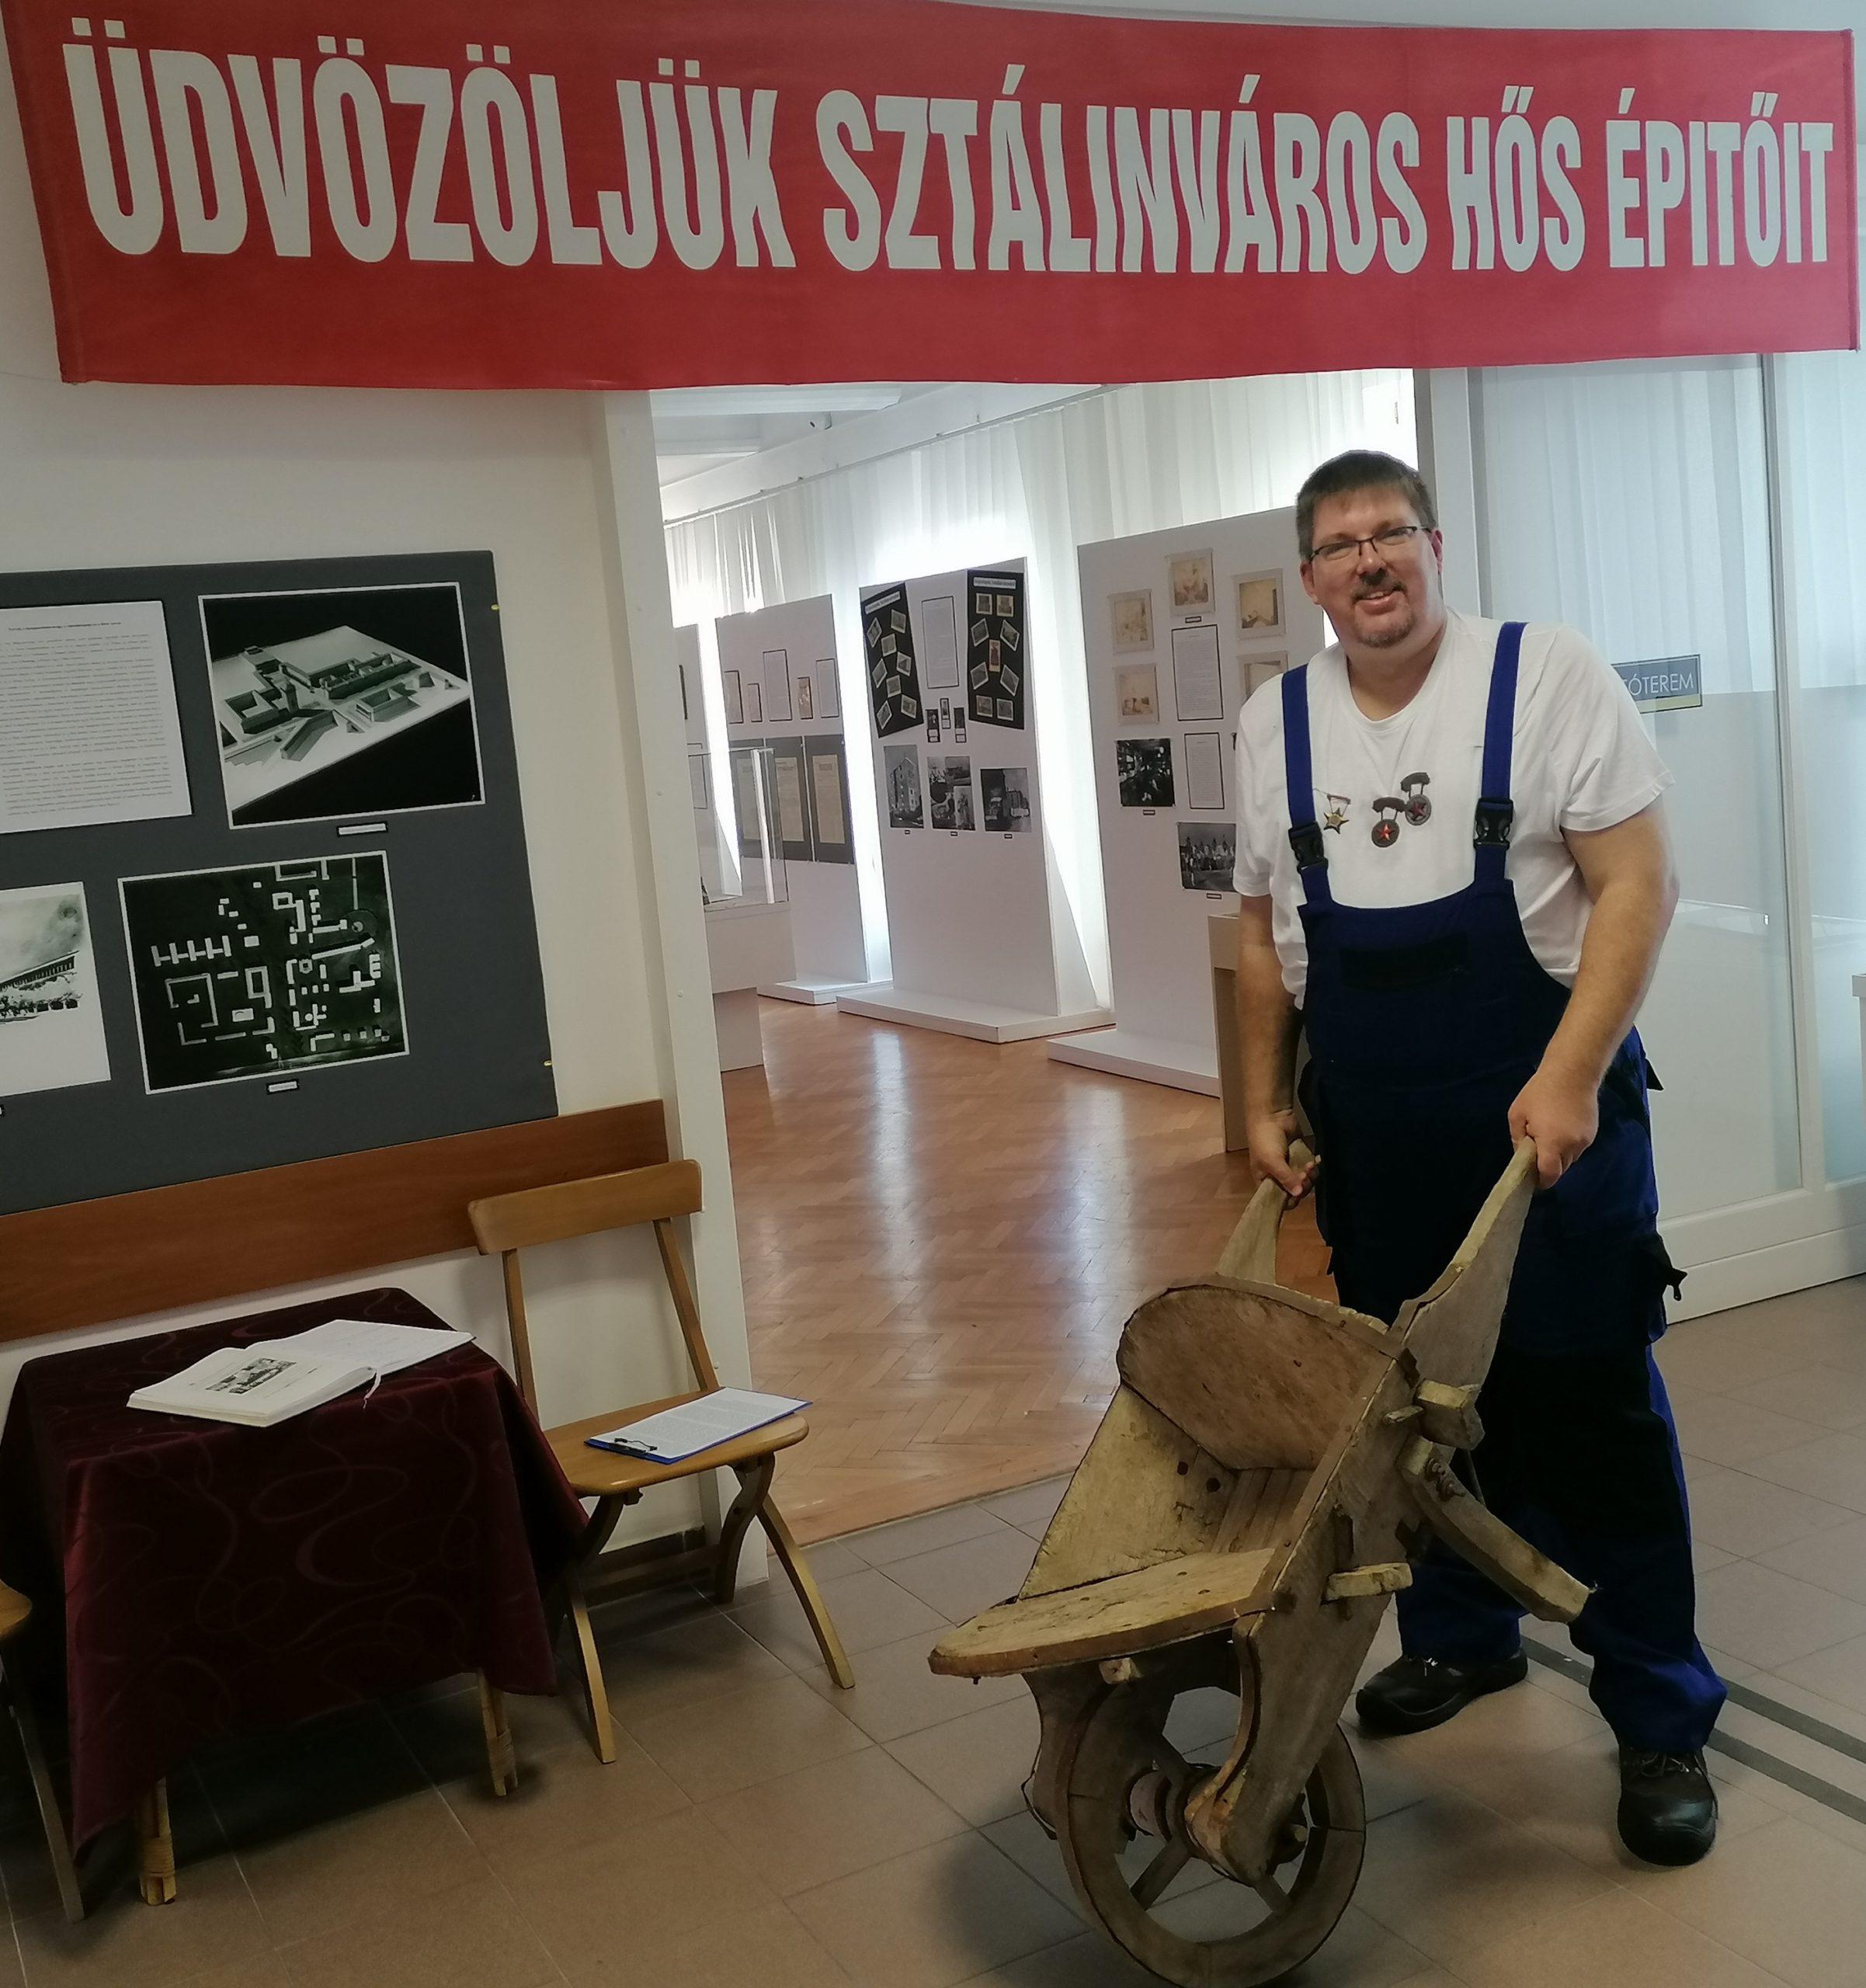 Üdvözöljük Sztálinváros hős építőit!